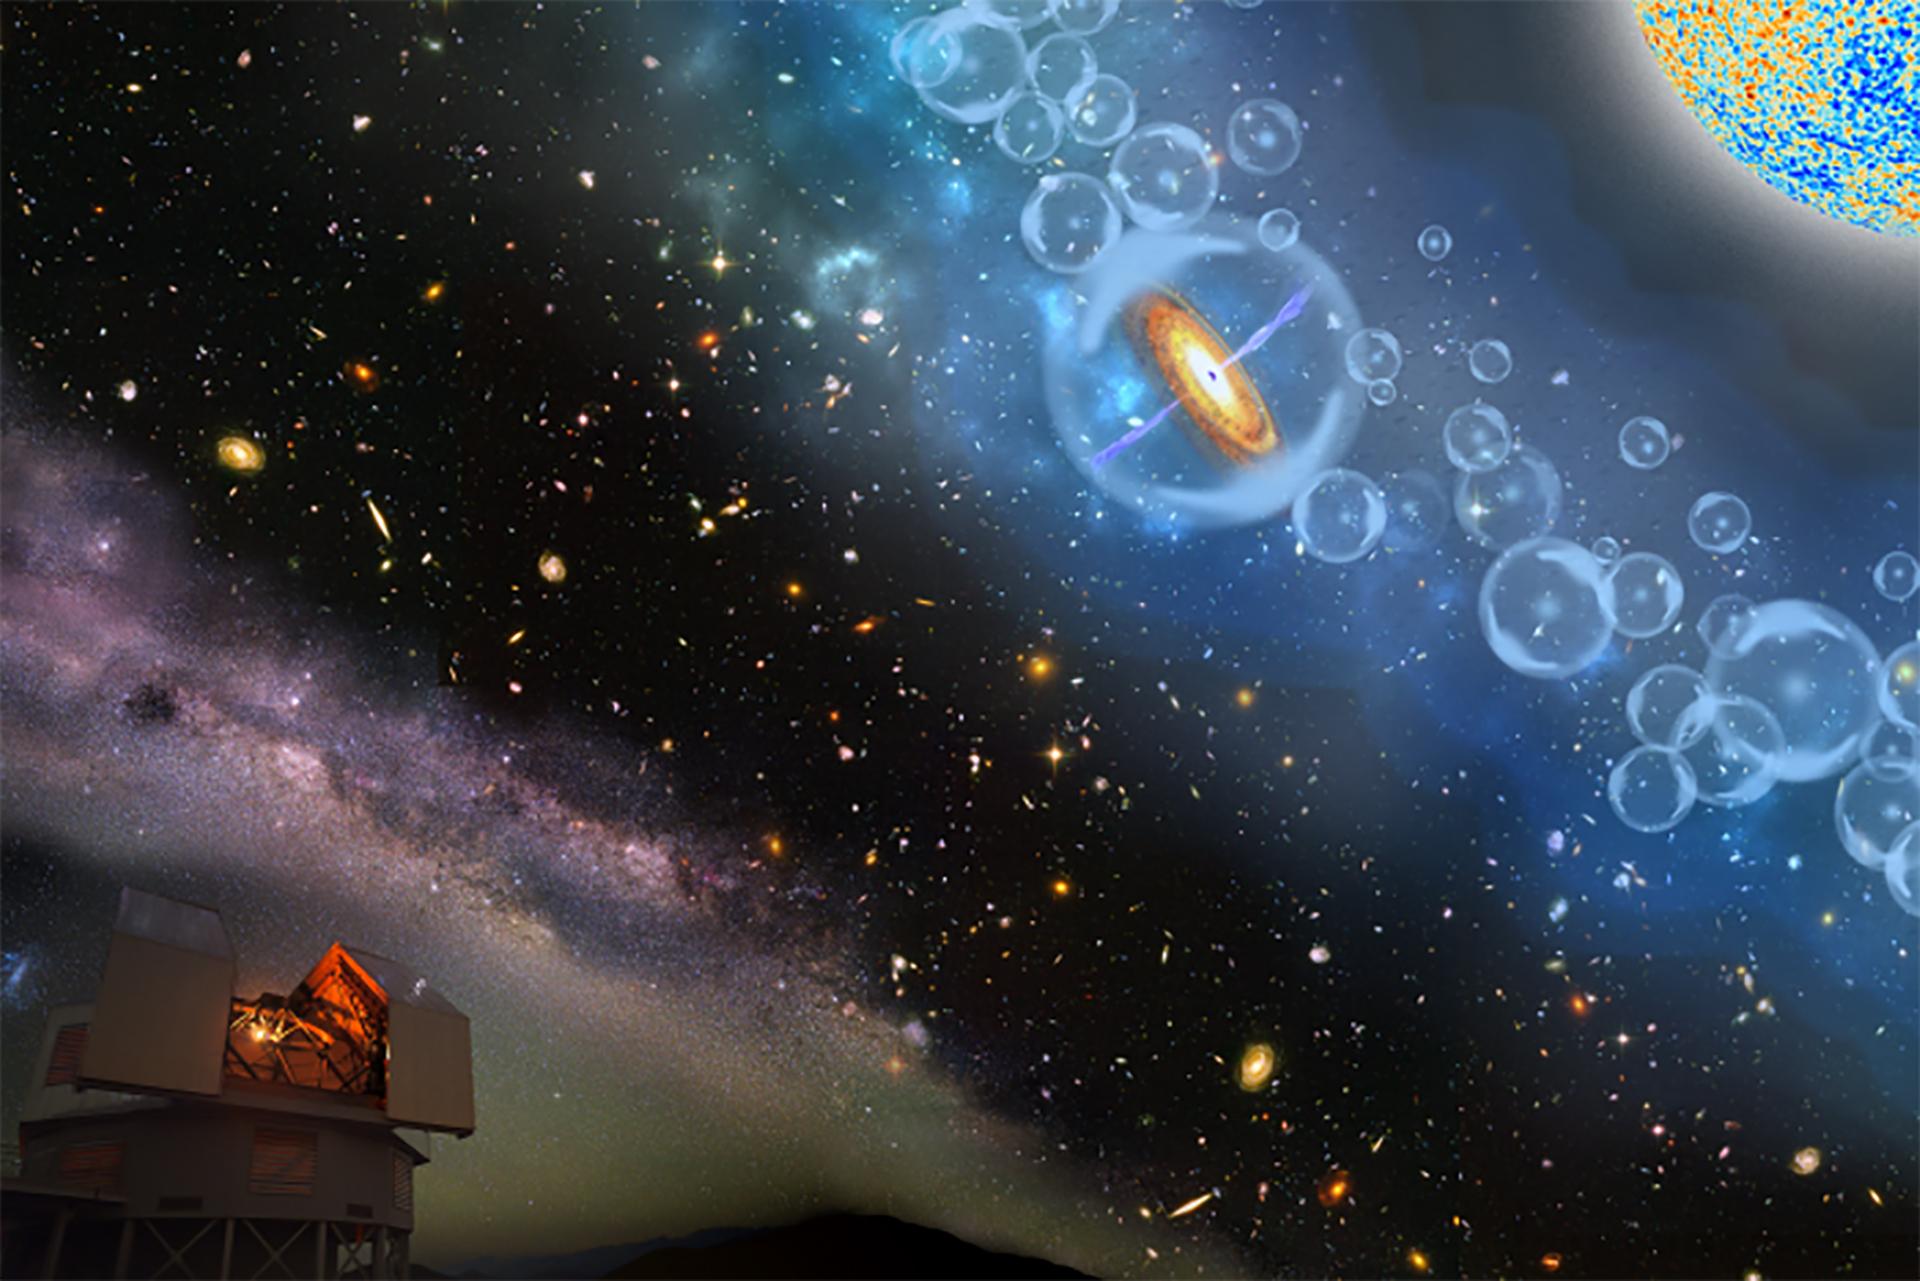 La dimensión del agujero negro hallado es extraordinaria, lo que indica su edad y abre las puertas de una nueva perspectivaen el estudio del origen del universo (Carnegie Science)